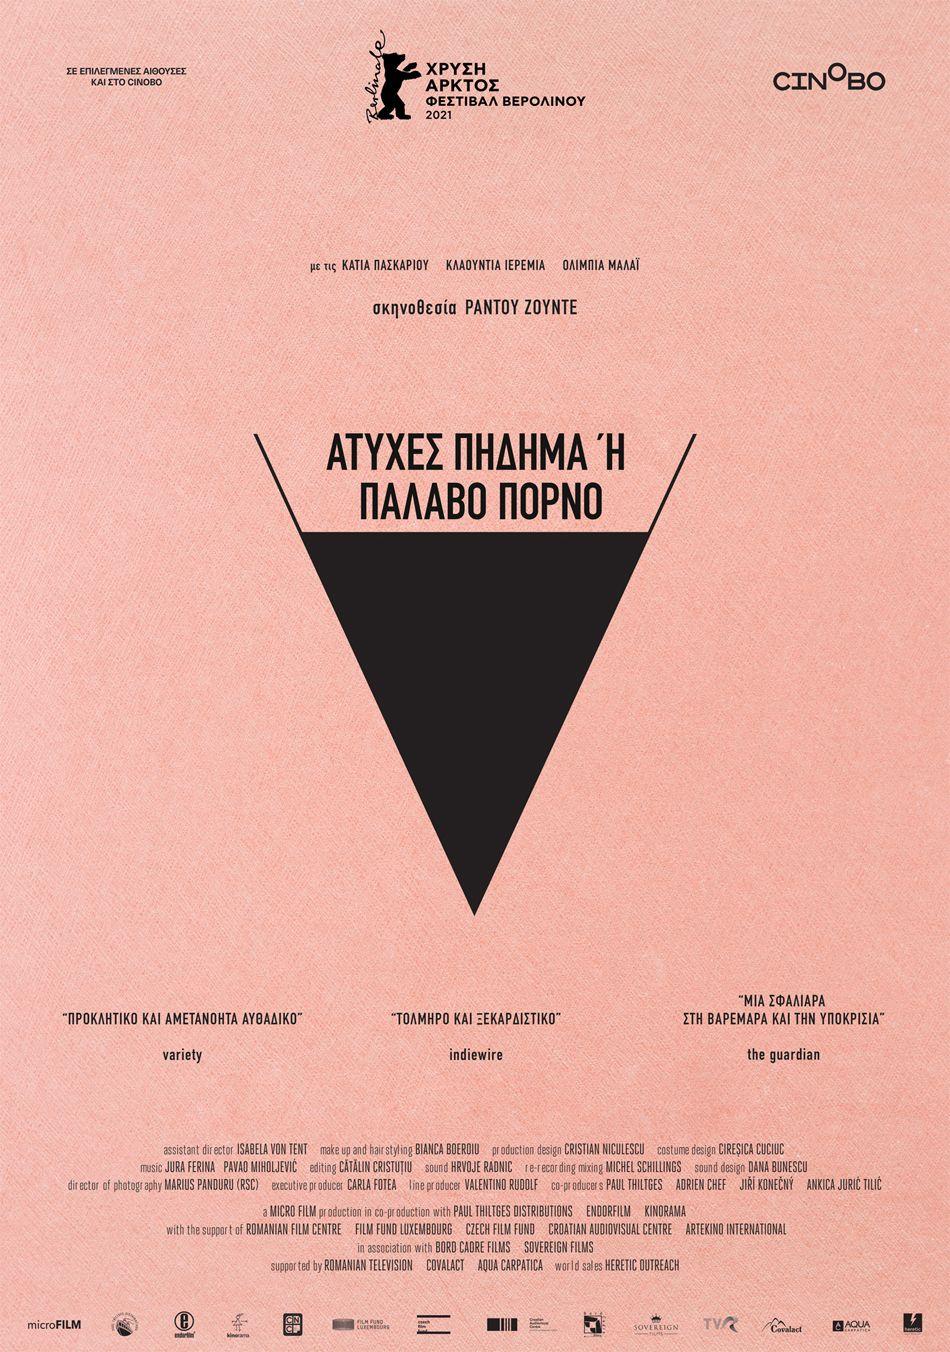 Ατυχές πήδημα ή παλαβό πορνό (Babardeala cu bucluc sau porno balamuc / Bad Luck Banging or Loony Porn) Poster Πόστερ